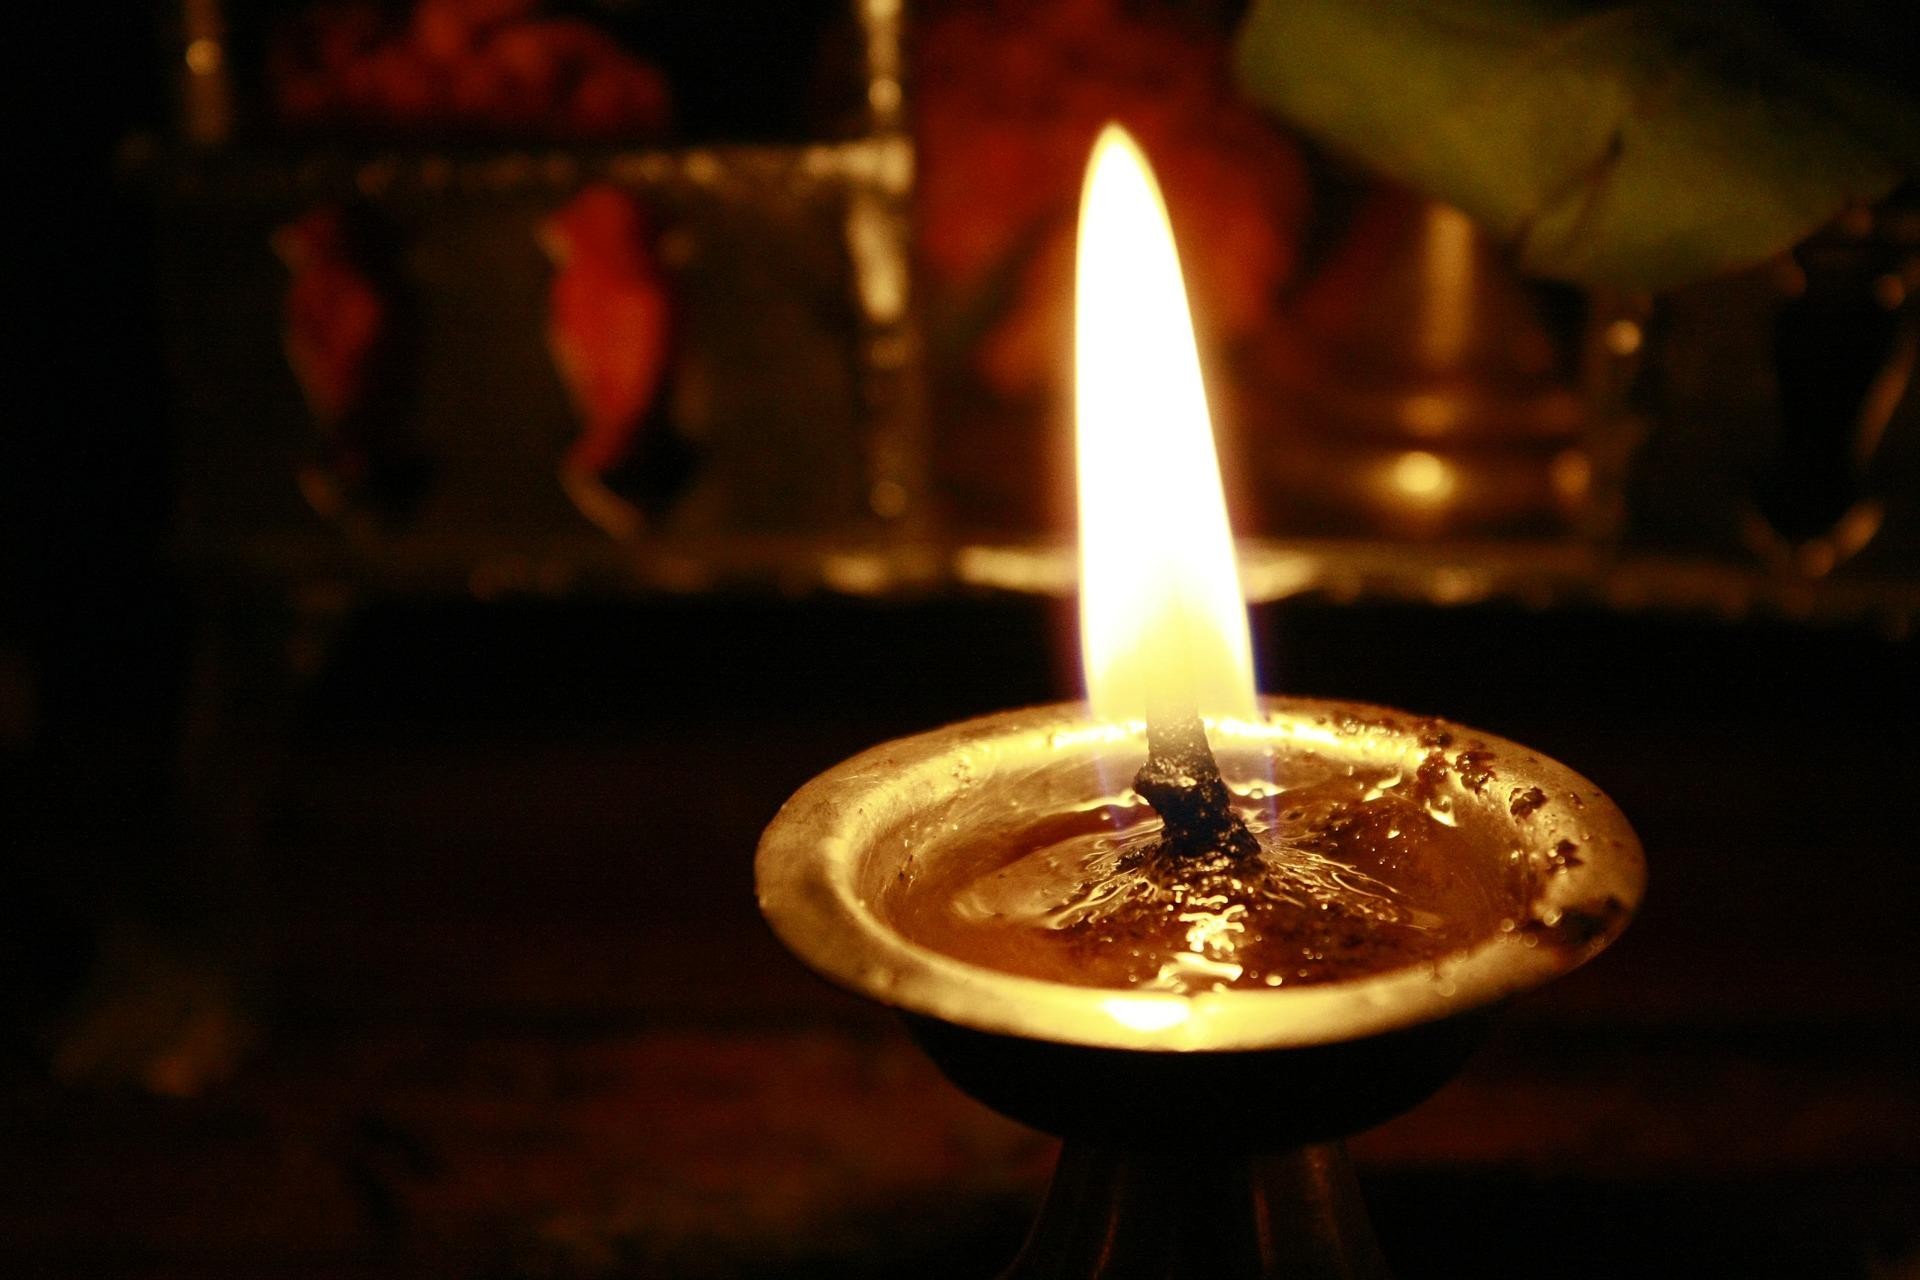 oil-lamp-390580_1920.jpg